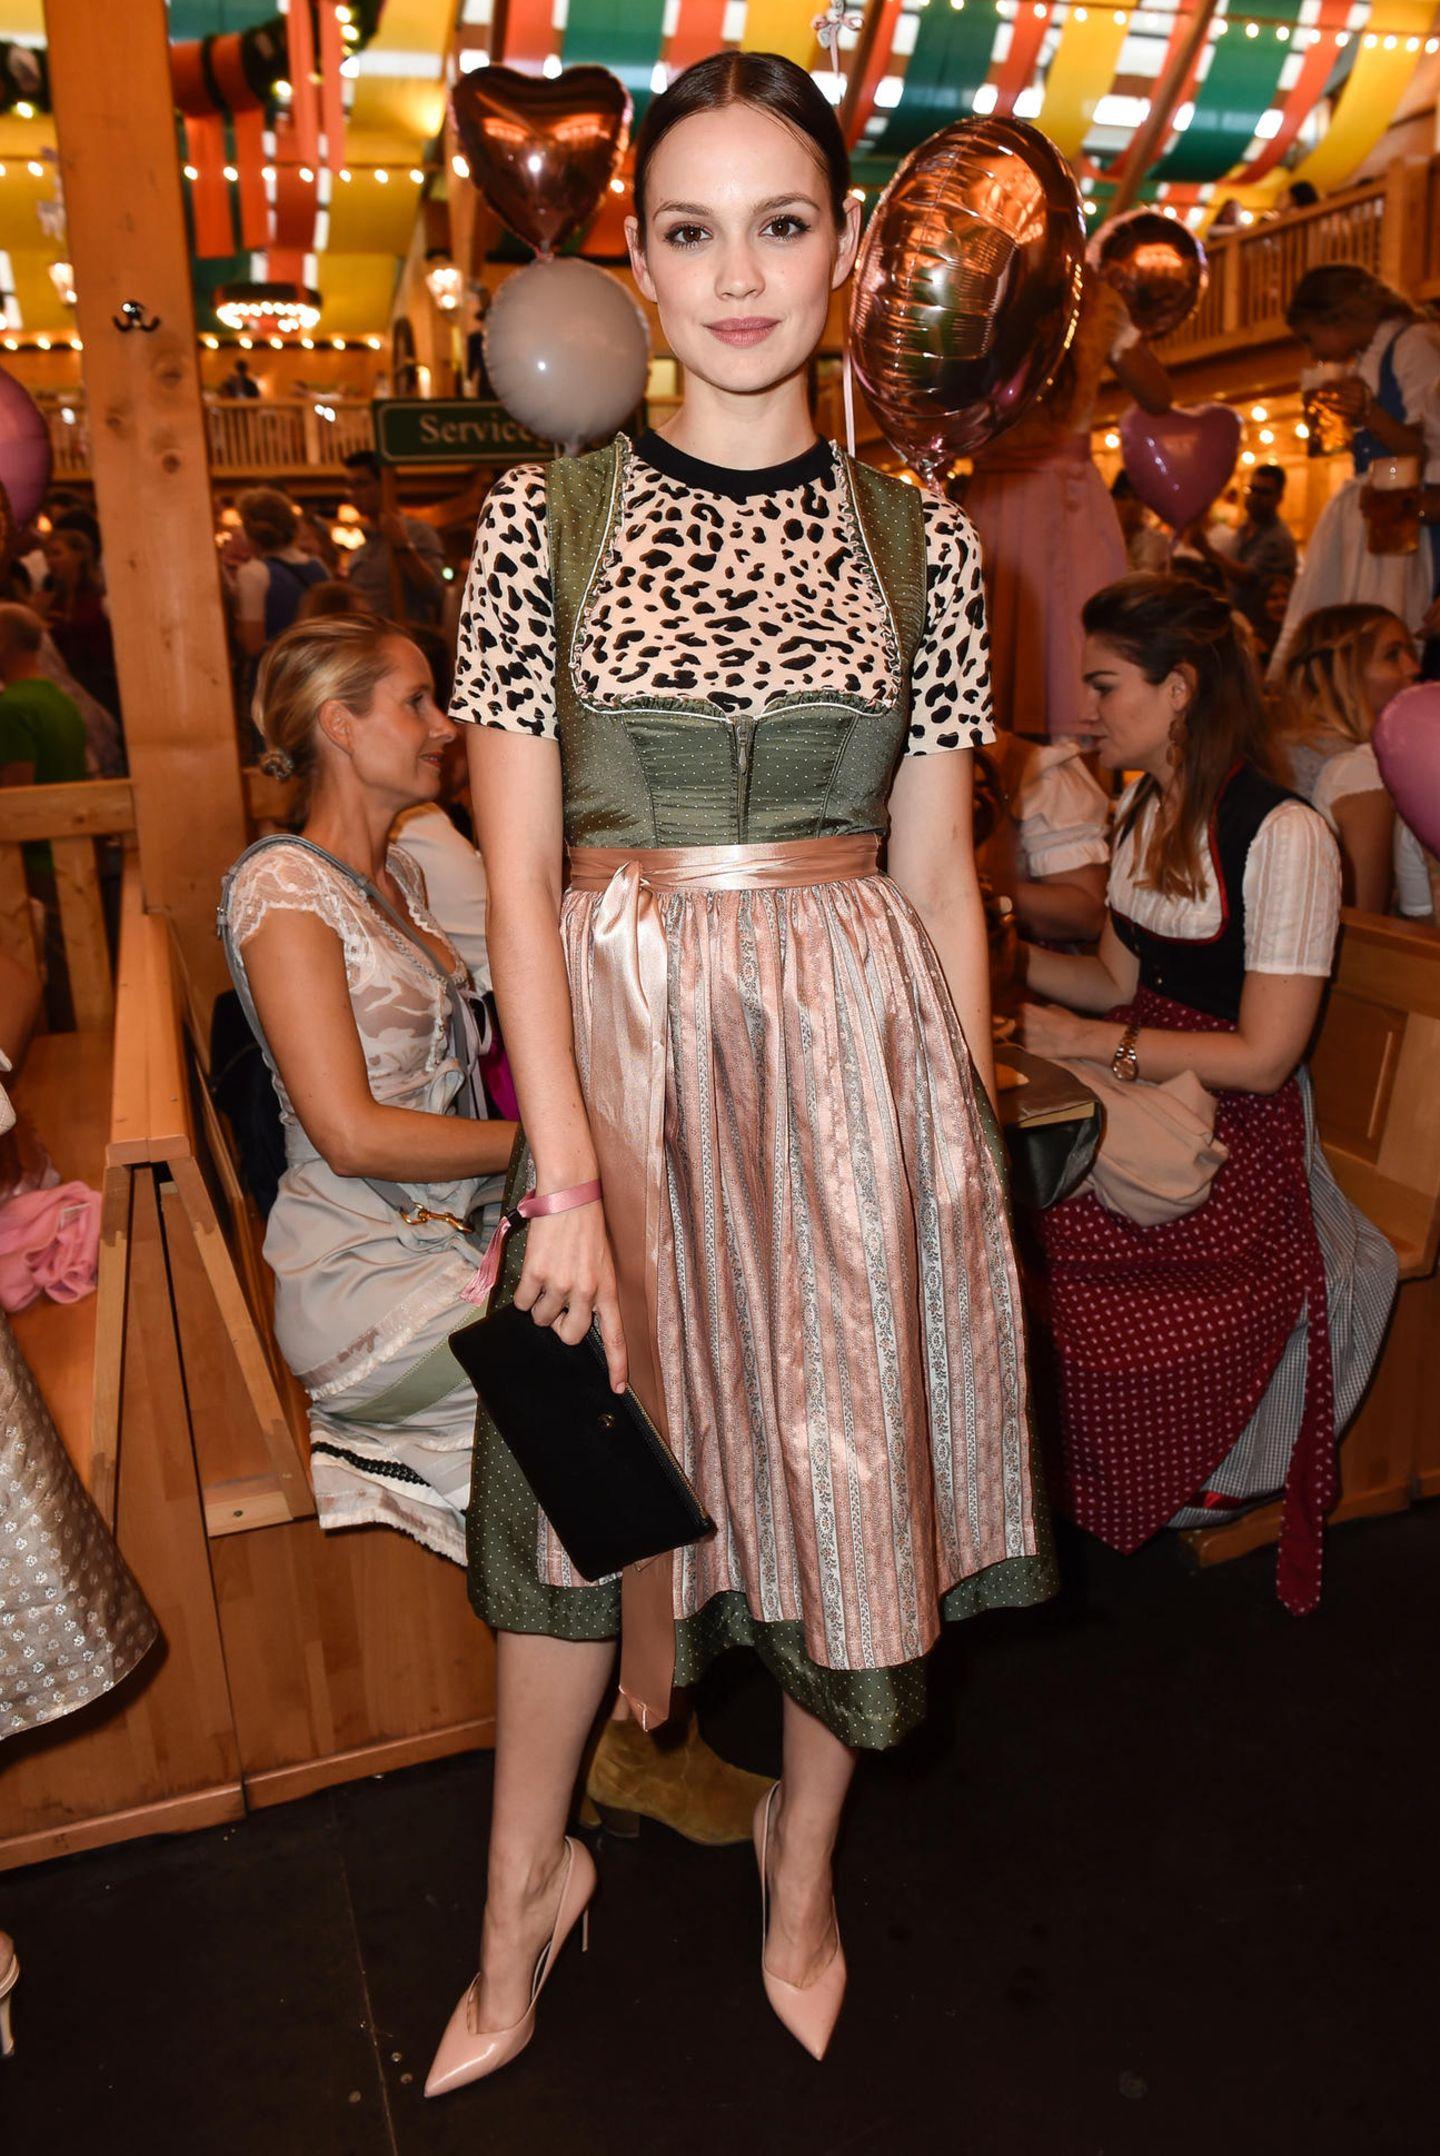 Emilia Schüle beweist bei dem Girly-Event, warum sie aktuell zu den angesagtesten Schauspielerinnen zählt und warum alle ihren Style so lieben: Zu dem traditionellen Dirndl kombiniert sie ein Leo-Shirt und schafft so einen coolen Kontrast.